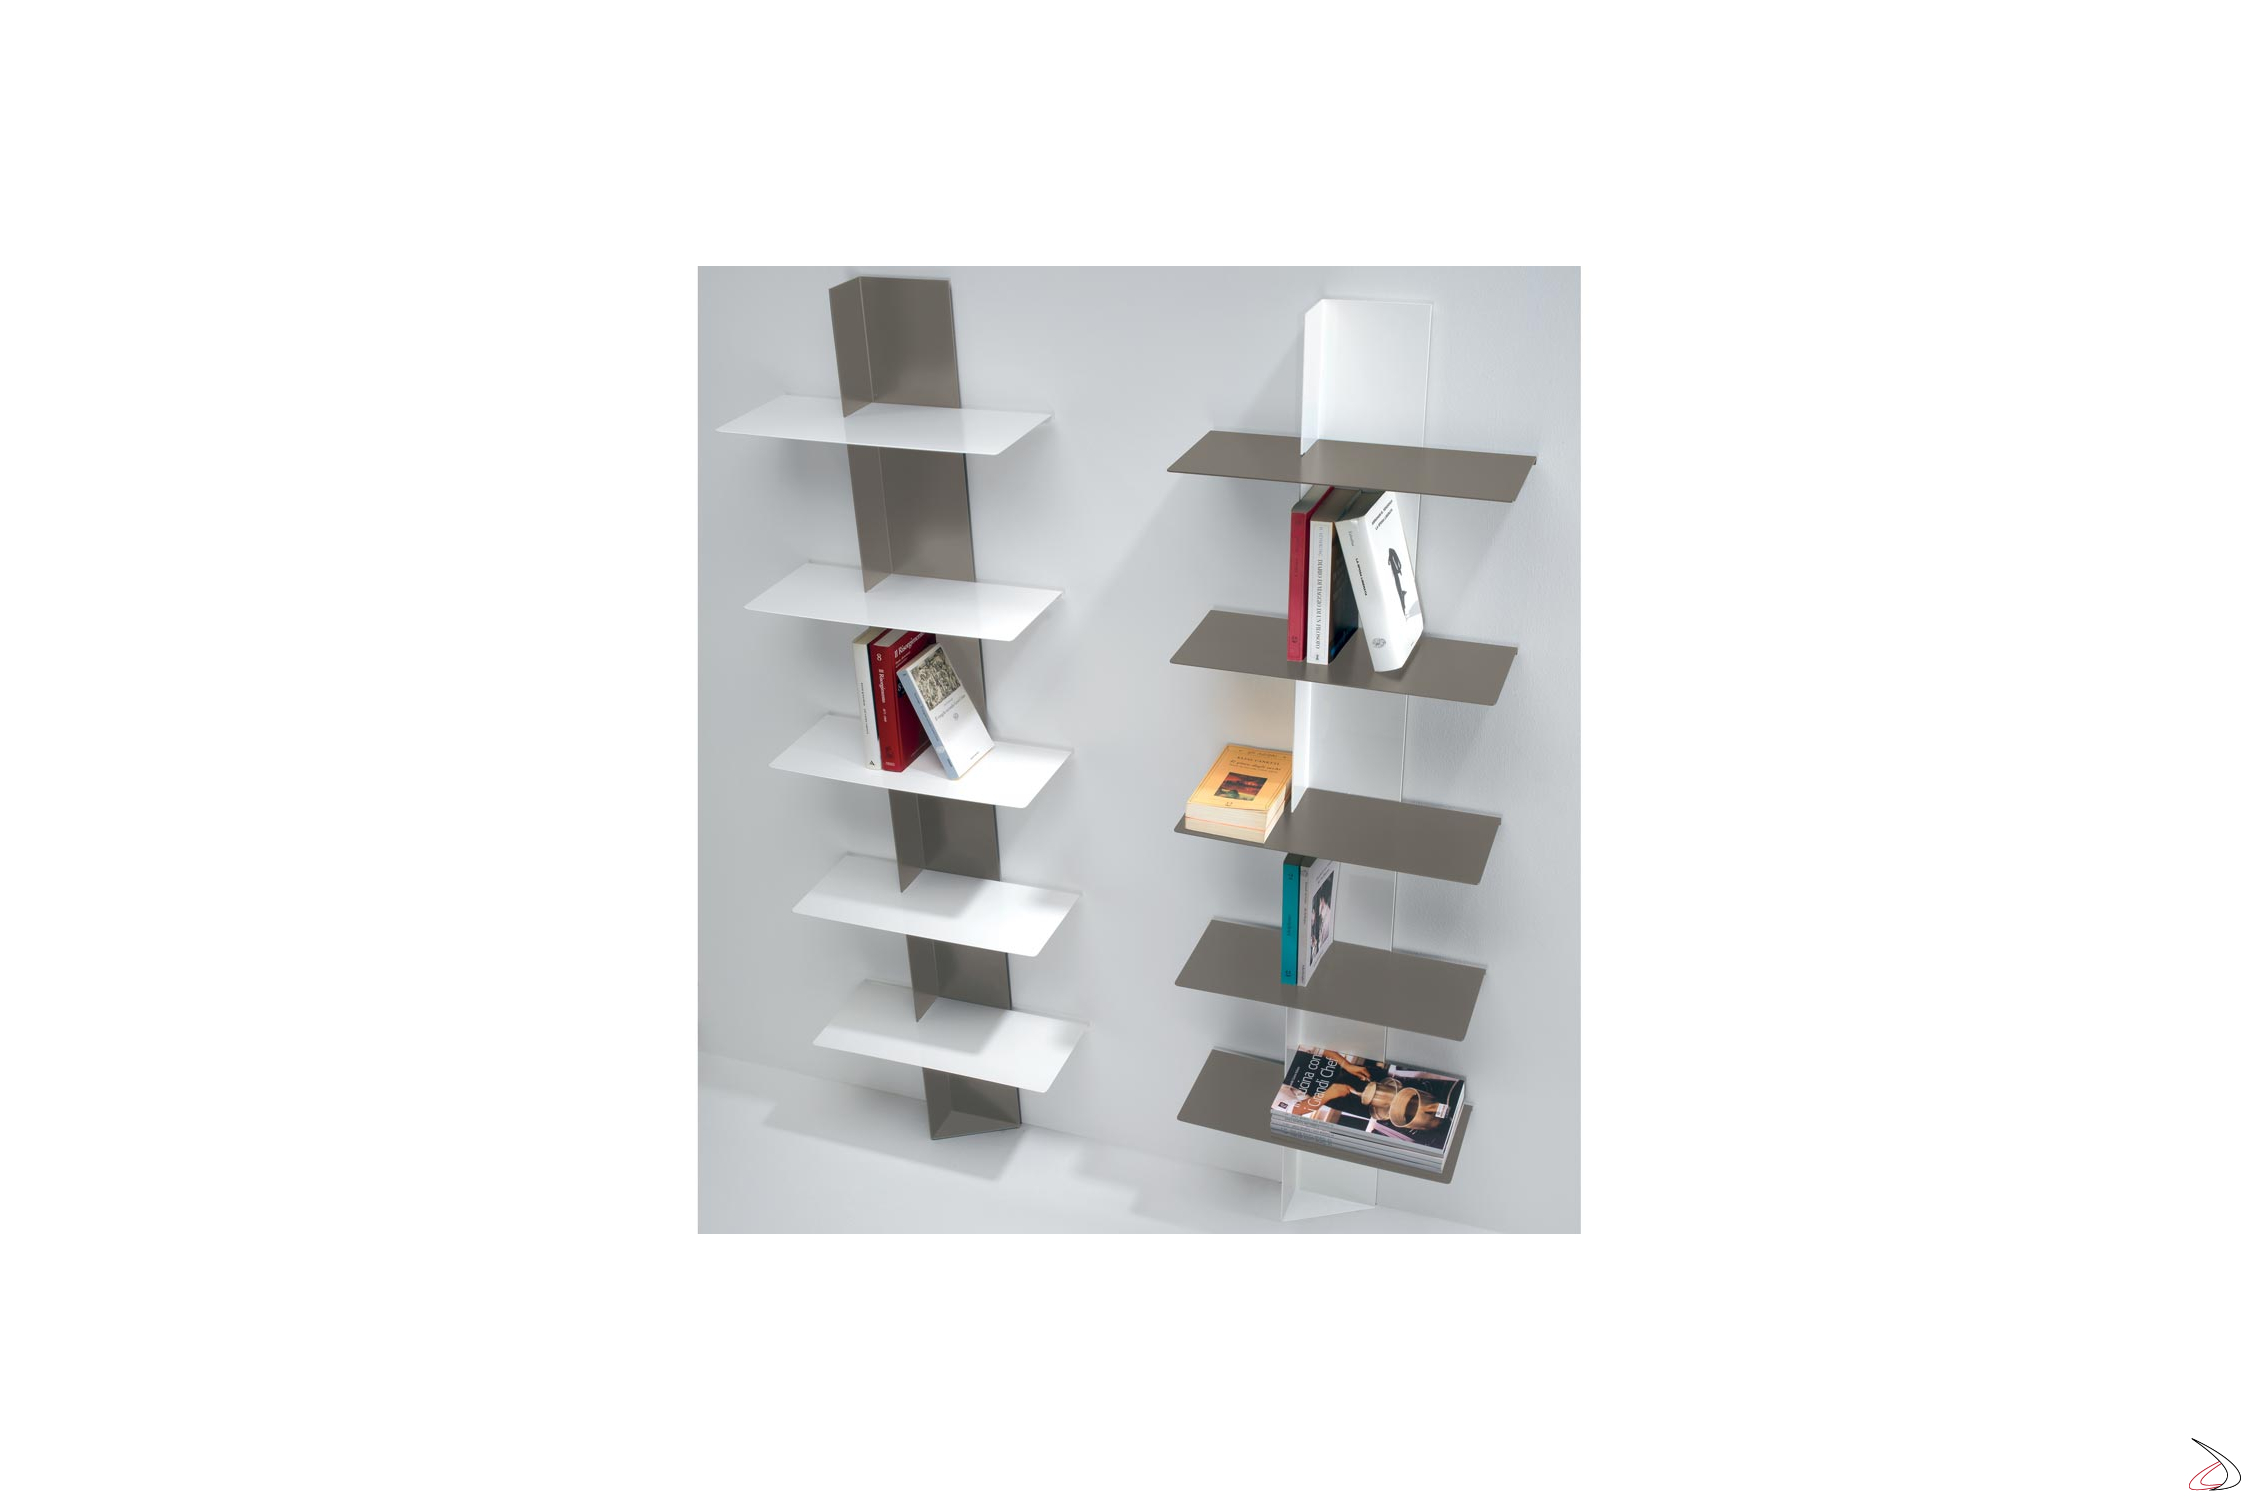 Libreria Verticale In Metallo.Libreria Verticale Sospesa In Metallo Colorato Lift Toparredi